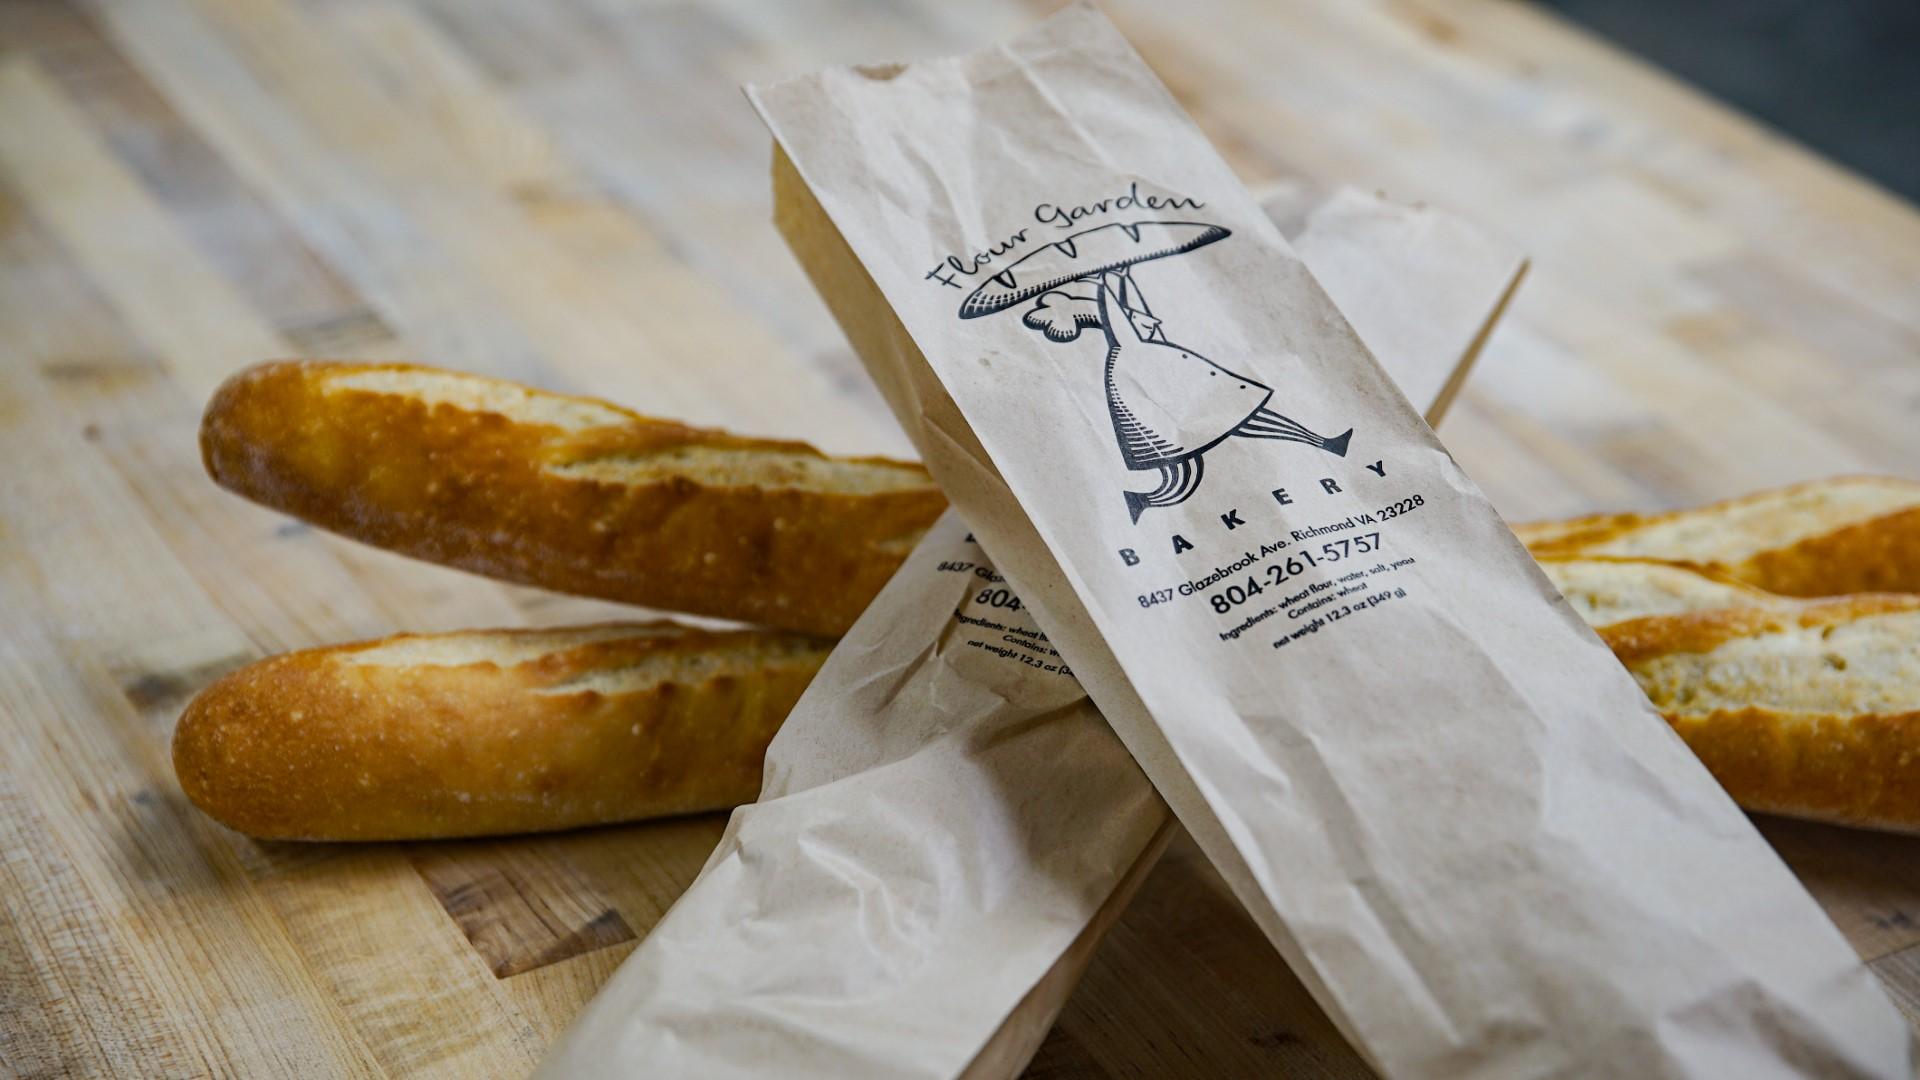 Flour garden bakery bakes artisanal breads.